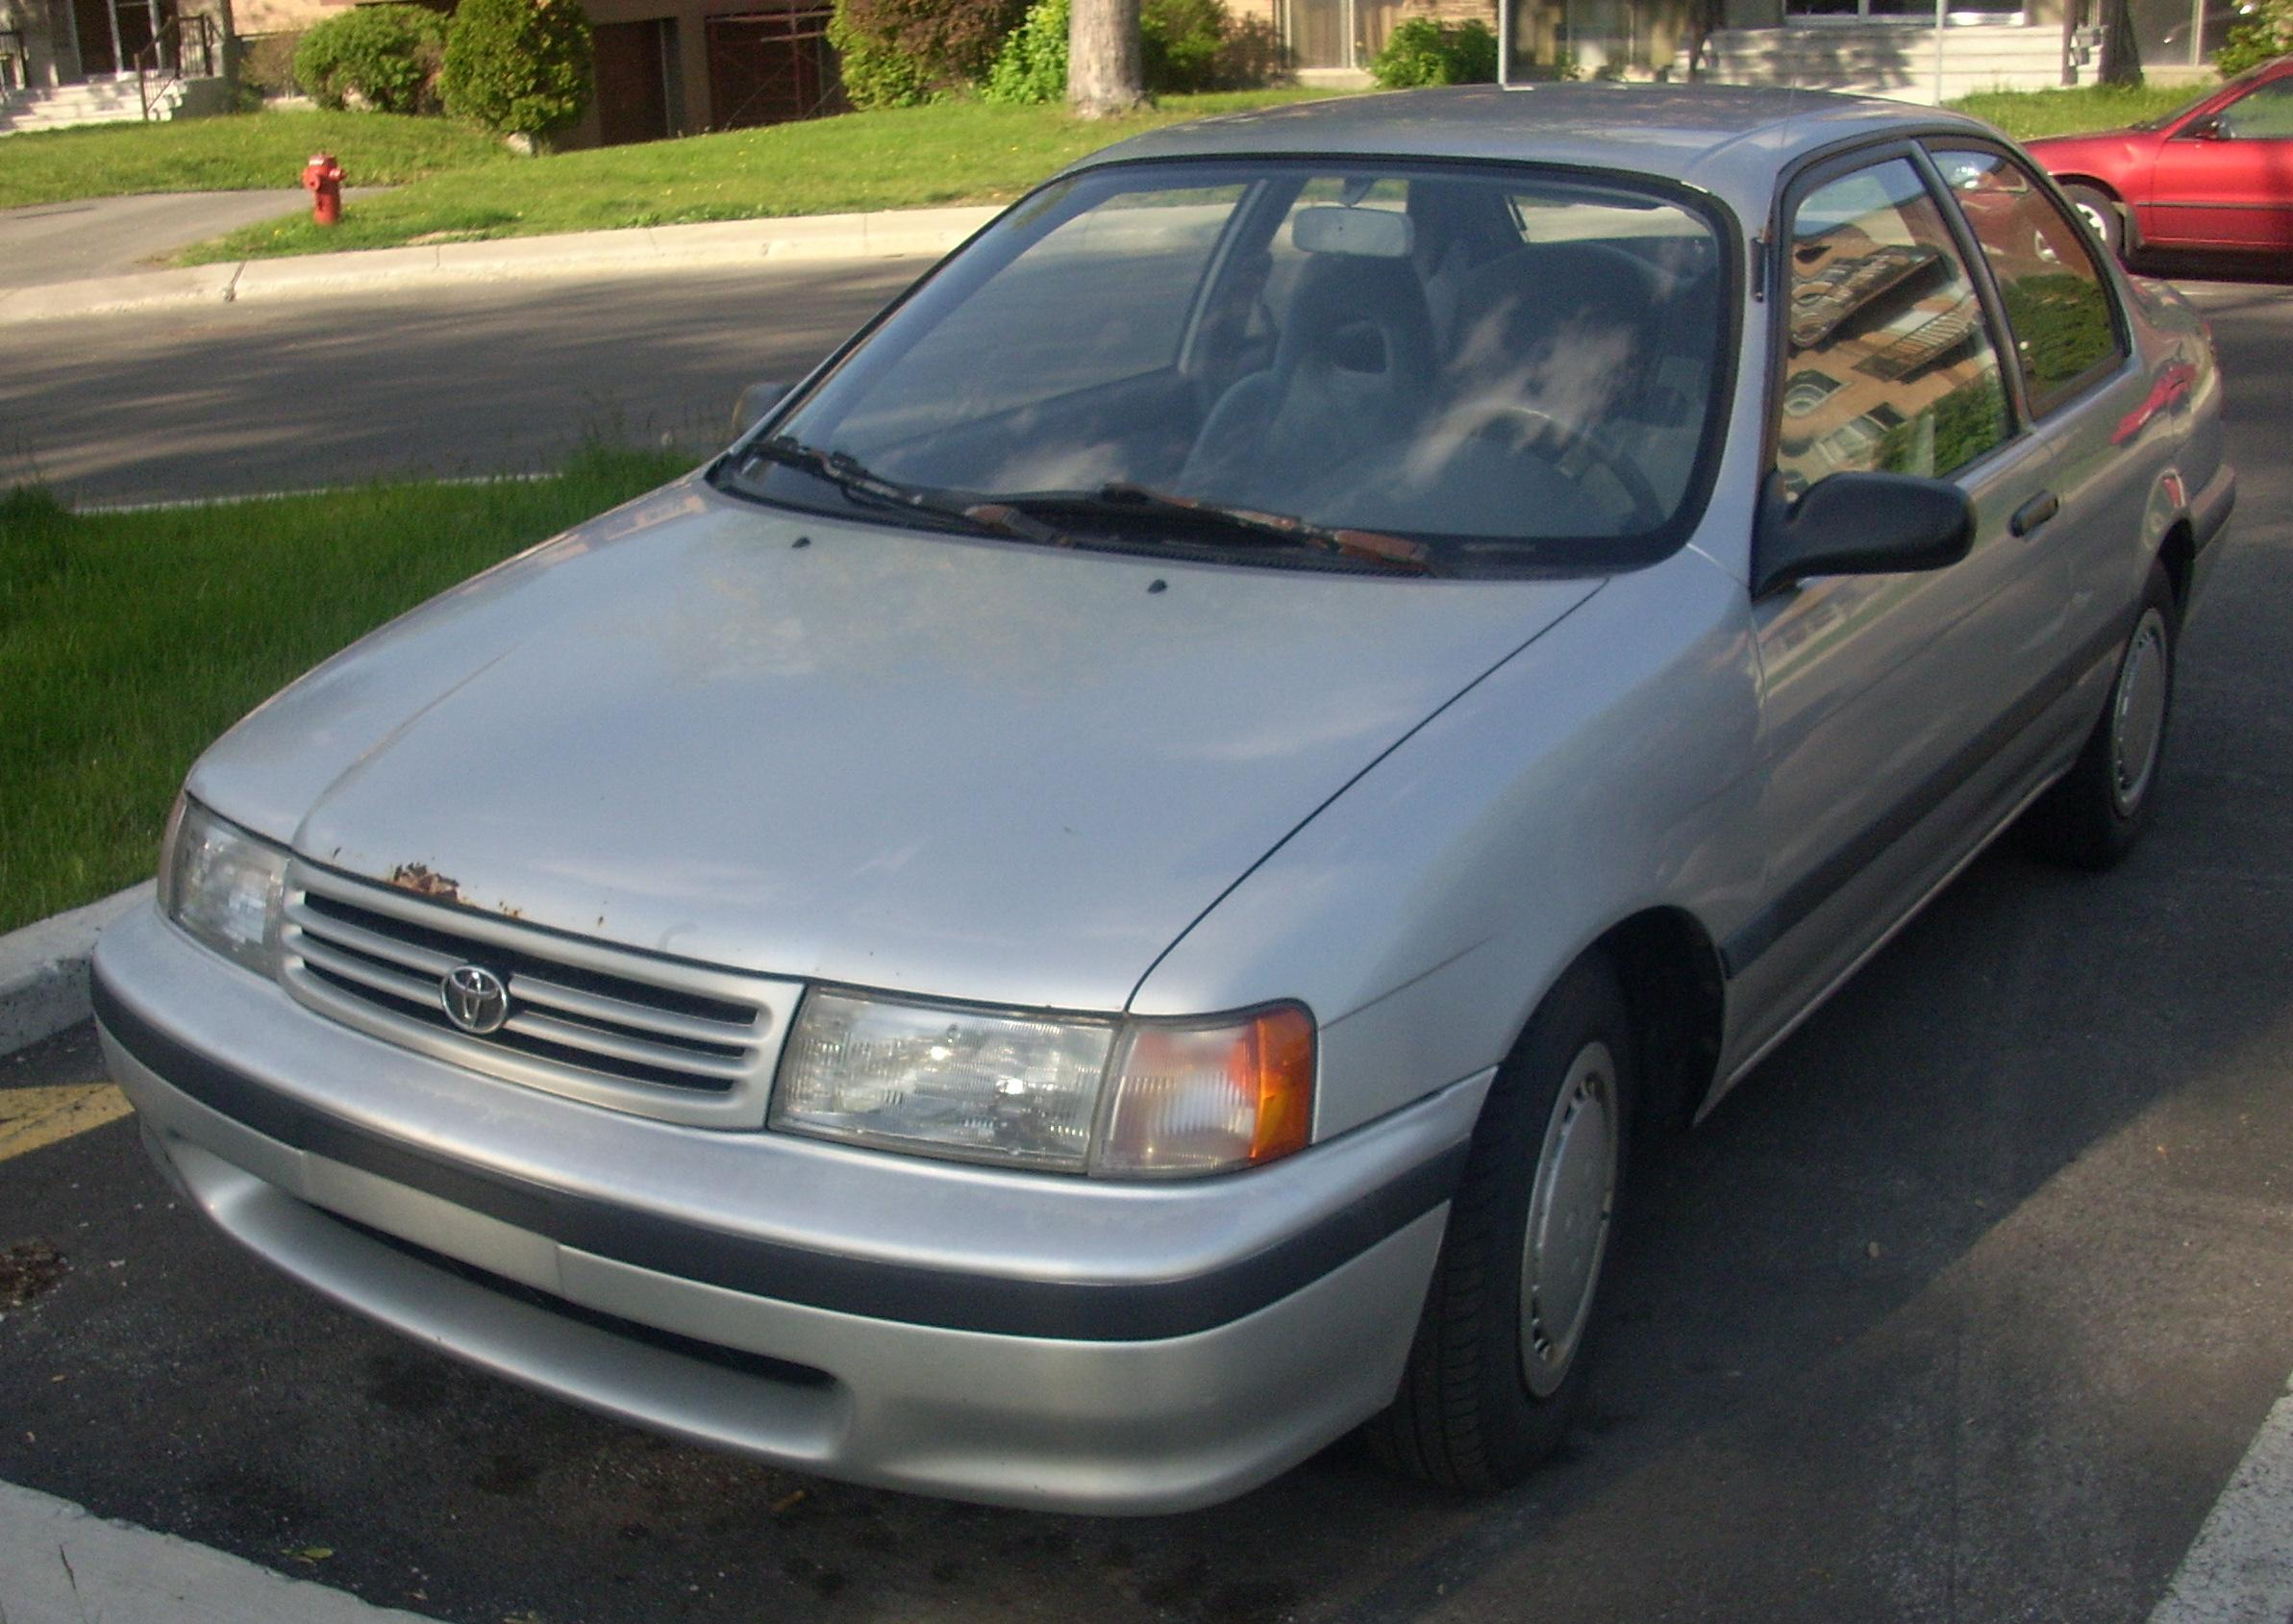 91 Tercel Toyota